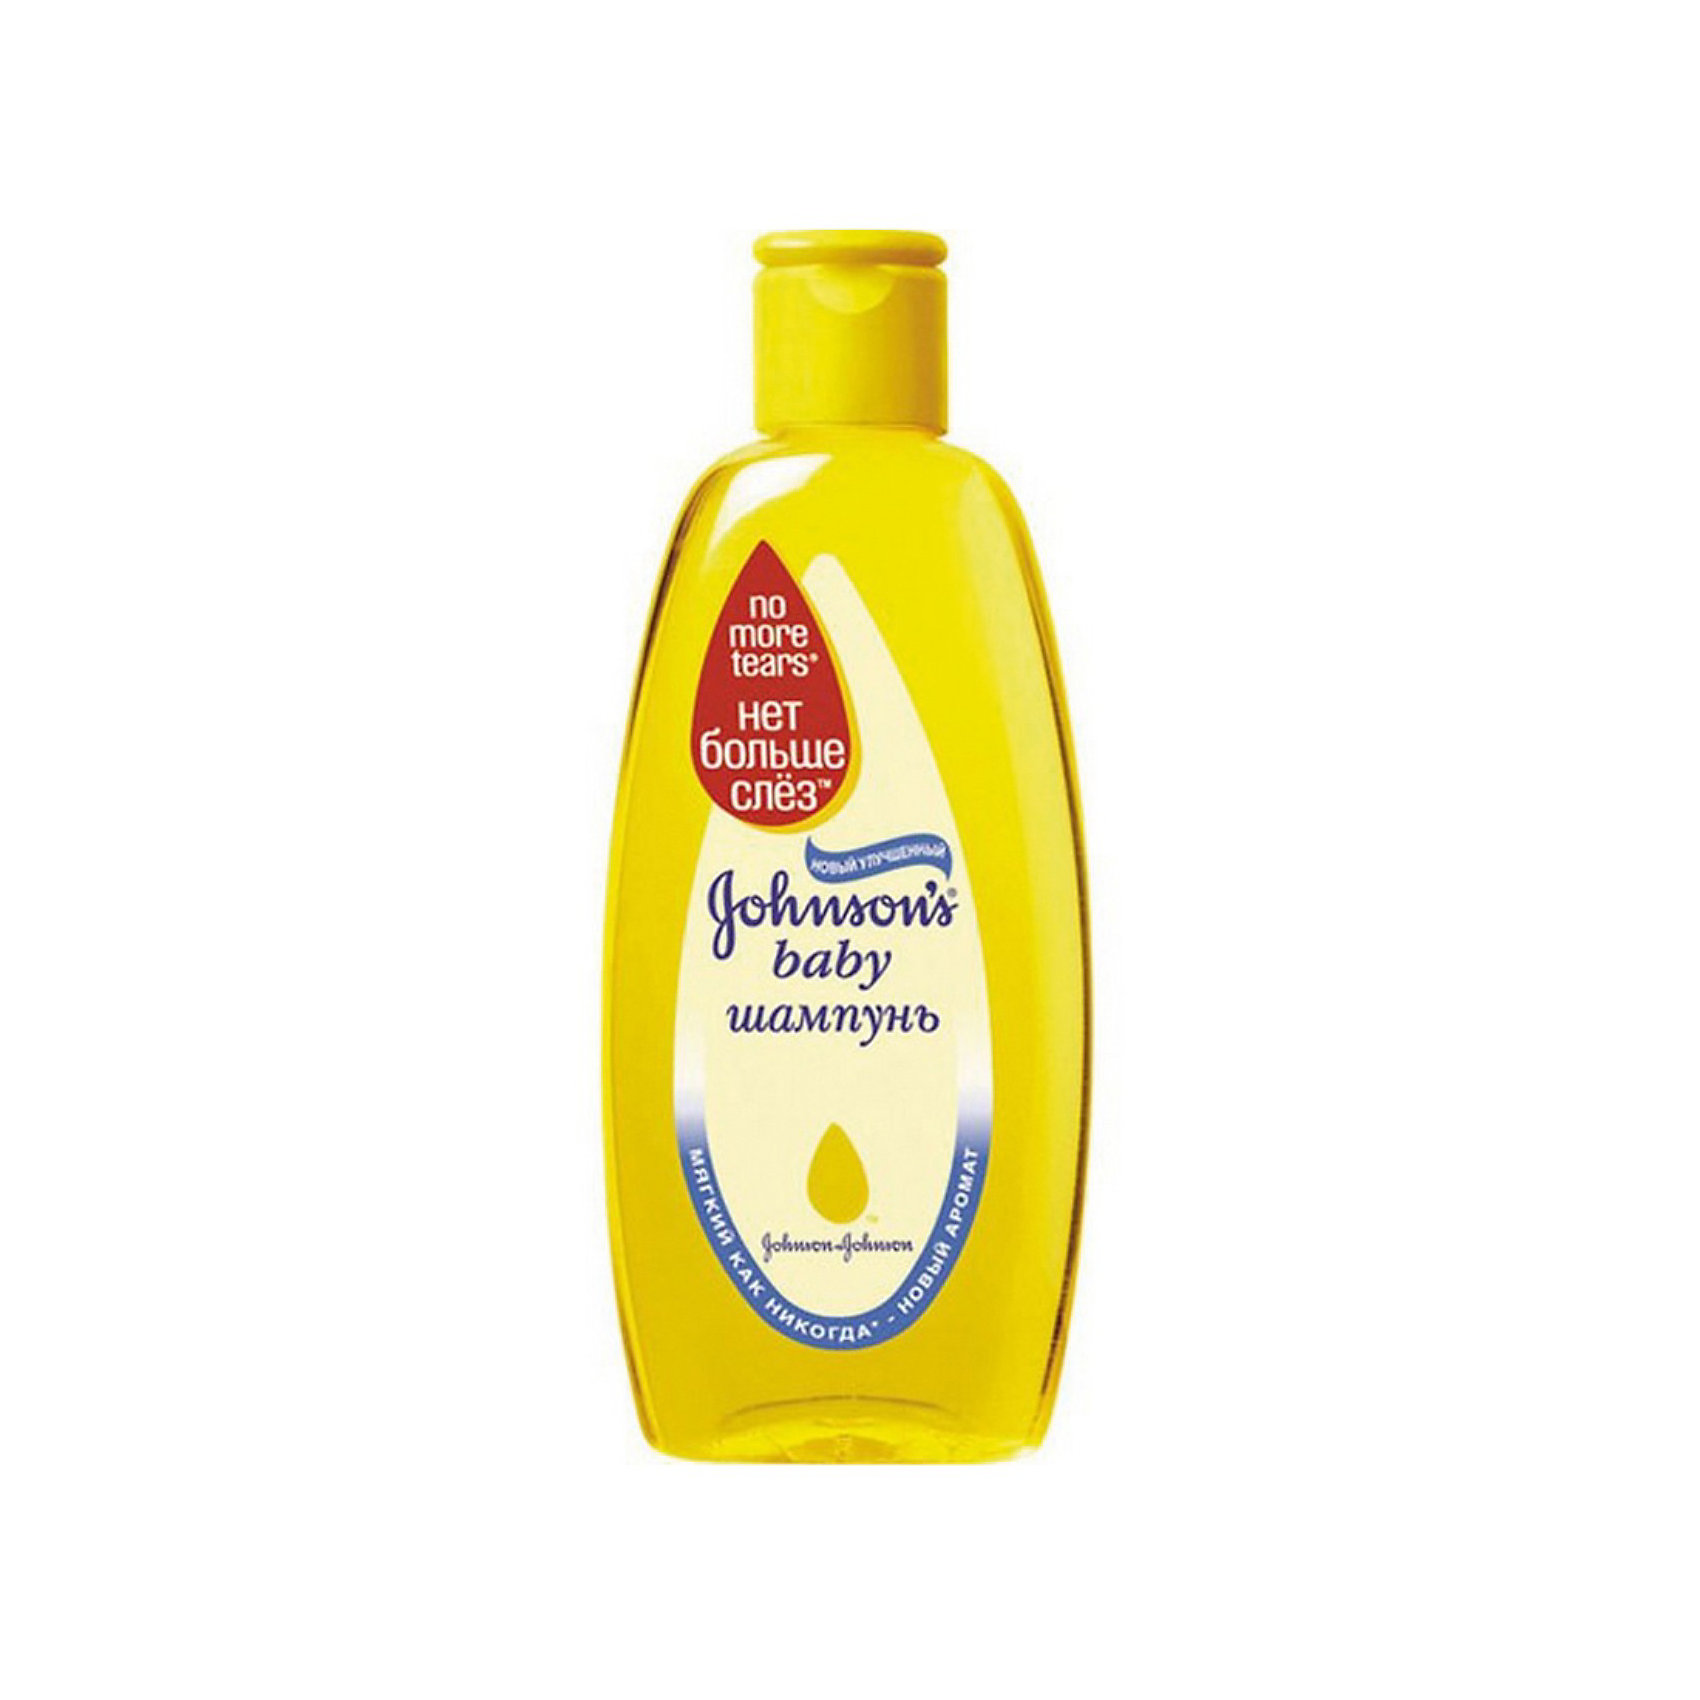 Детский шампунь, Johnson`s baby, 500 млДетский шампунь Johnson`s baby (Джонсонс Бэби) содержит увлажняющий комплекс, благодаря чему максимально бережно очищает нежные детские волосы и не сушит кожу головы. Шампунь настолько мягкий, что может применяться с первых дней жизни малыша и подходит для ежедневного применения. Благодаря формуле «Нет больше слёз®» защищает глазки от раздражения при случайном попадании пены.Легко смывается, оставляя волосы малыша мягкими, обладает удивительно приятным свежим запахом.<br><br>Дополнительная информация:<br><br>- Мягкие компоненты шампуня не сушат кожу головы ребенка, и поэтому шампунь подходит для ежедневного применения;<br>- Благодаря формуле «Нет больше слез» не щиплет глазки;<br>- Делает волосы малыша мягкими и обладает свежим ароматом;<br>- Протестирован офтальмологами, рекомендован педиатрами;<br>- Не содержит мыла и парабенов;<br>- Объем: 500 мл<br><br>Детский шампунь Johnson`s baby (Джонсонс Бэби), 500 мл можно купить в нашем интернет-магазине.<br><br>Ширина мм: 46<br>Глубина мм: 87<br>Высота мм: 216<br>Вес г: 559<br>Возраст от месяцев: 0<br>Возраст до месяцев: 48<br>Пол: Унисекс<br>Возраст: Детский<br>SKU: 3663423